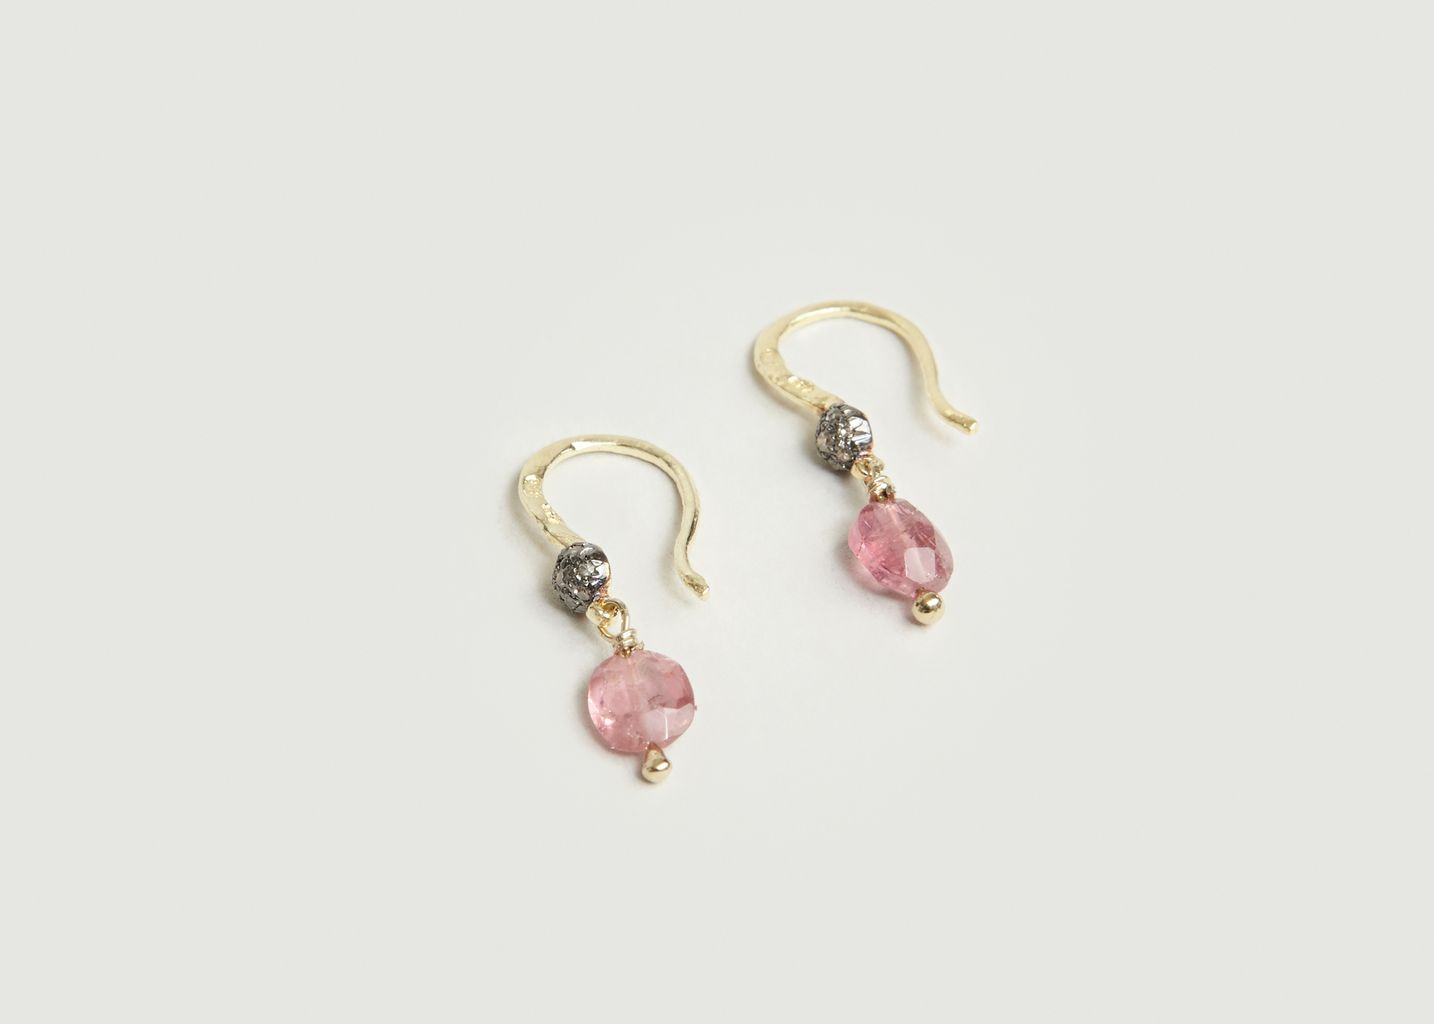 Boucles d'Oreilles Aglae Rose - 5 Octobre